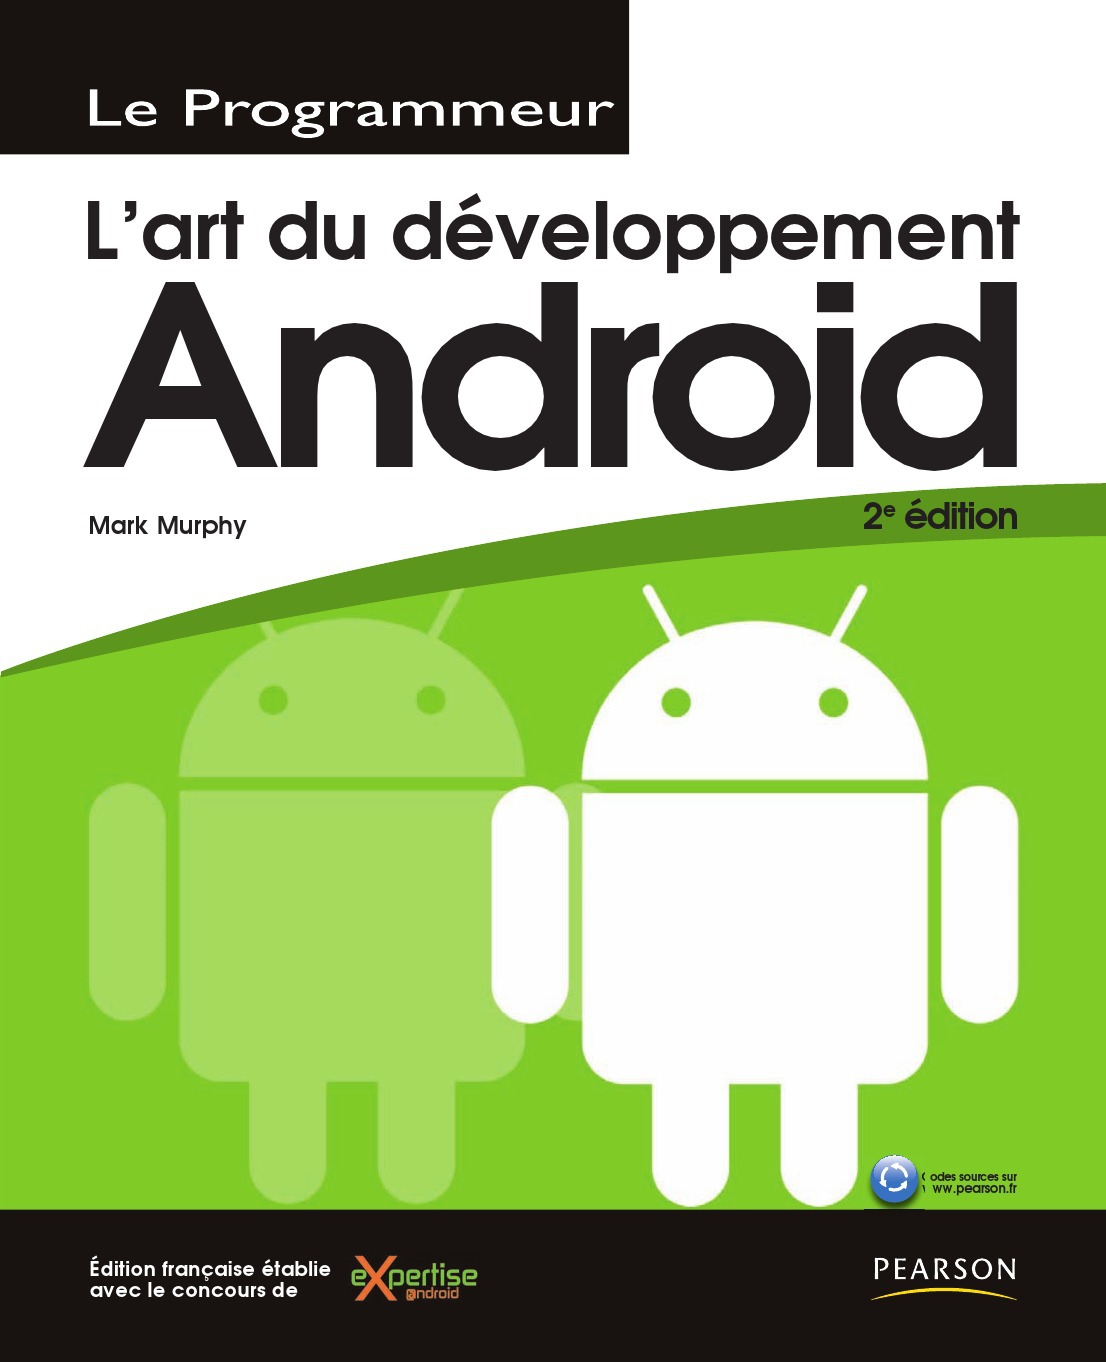 L'art du développement android (2e. édition)